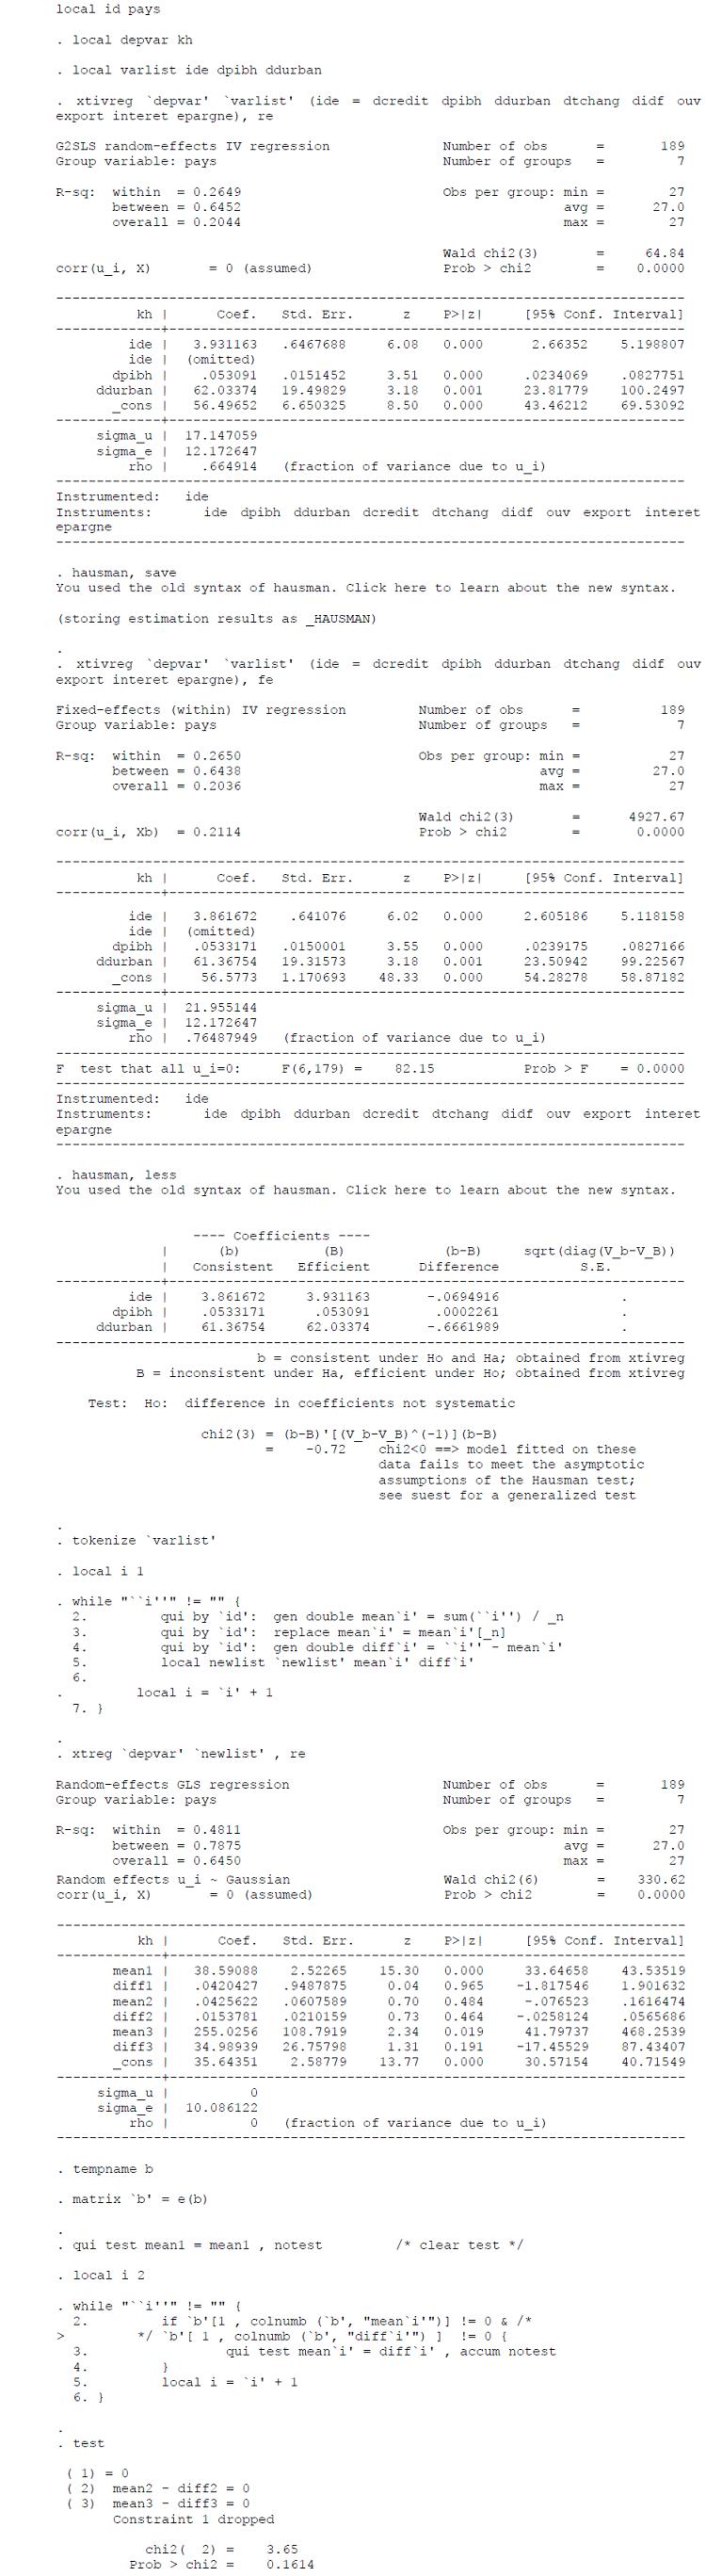 Test de spécification de Hausman généralisé pour la variable KH